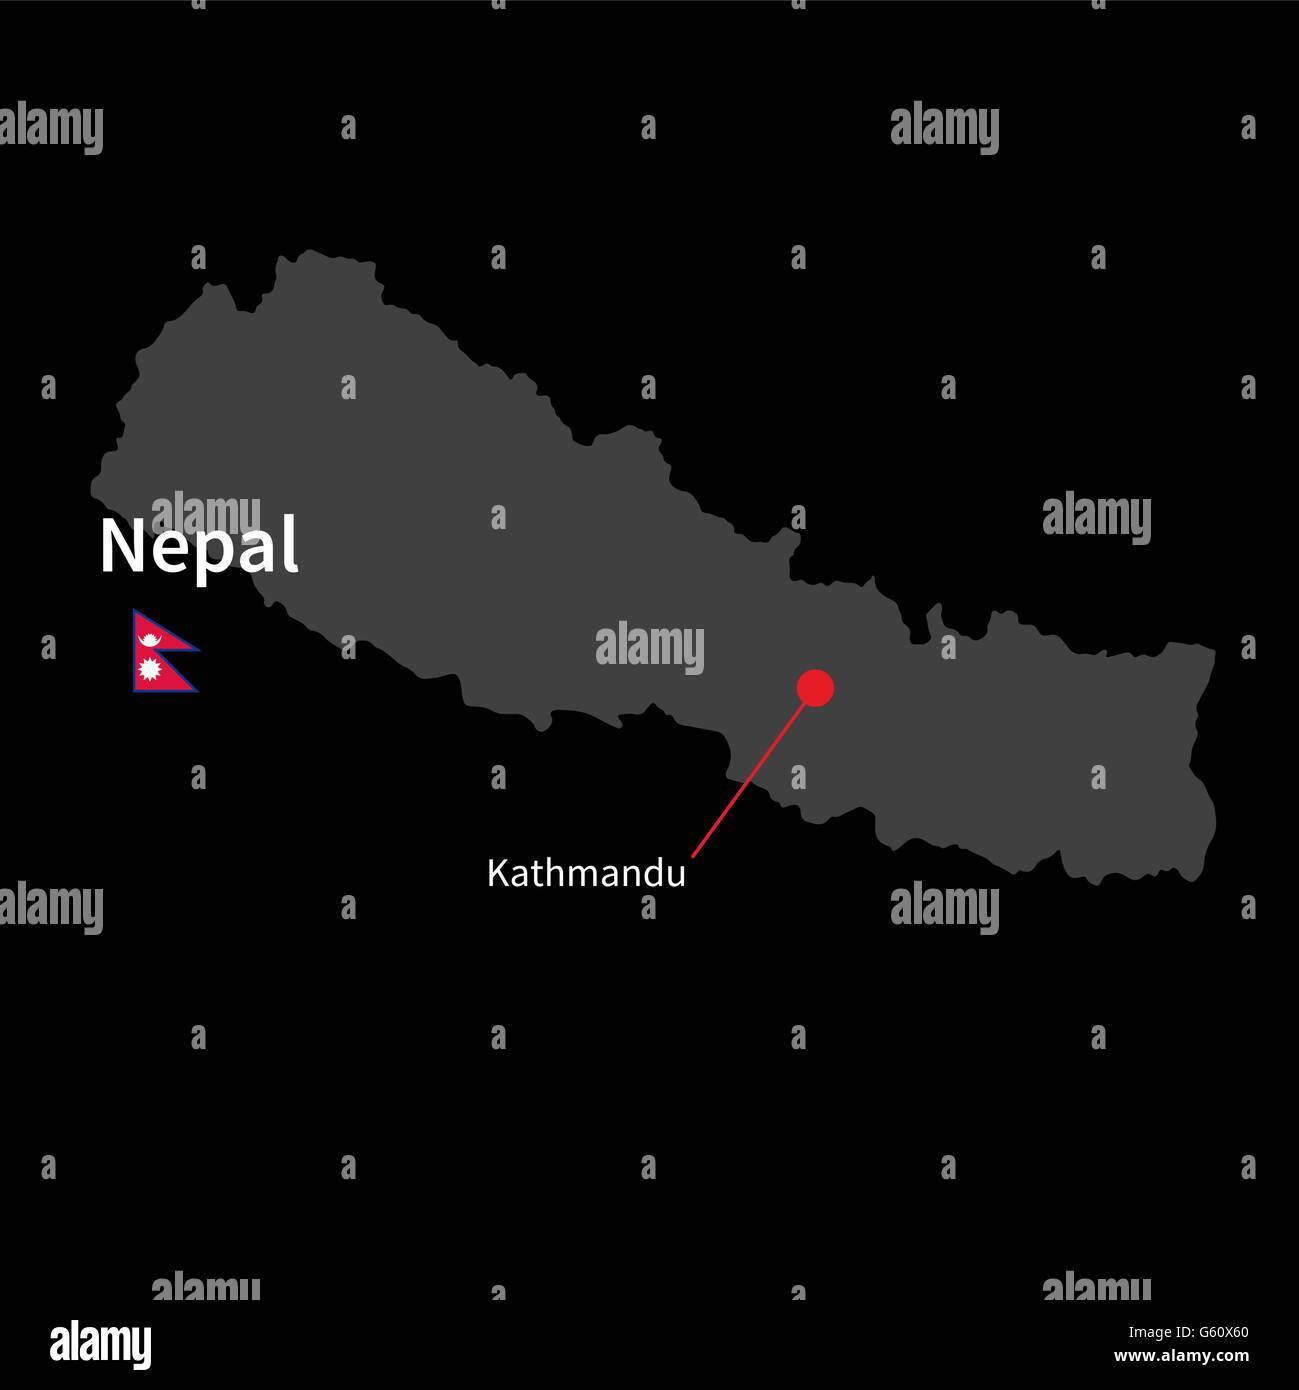 Cartina Dettagliata Del Nepal.Mappa Dettagliata Del Nepal E La Citta Capitale Kathmandu Con